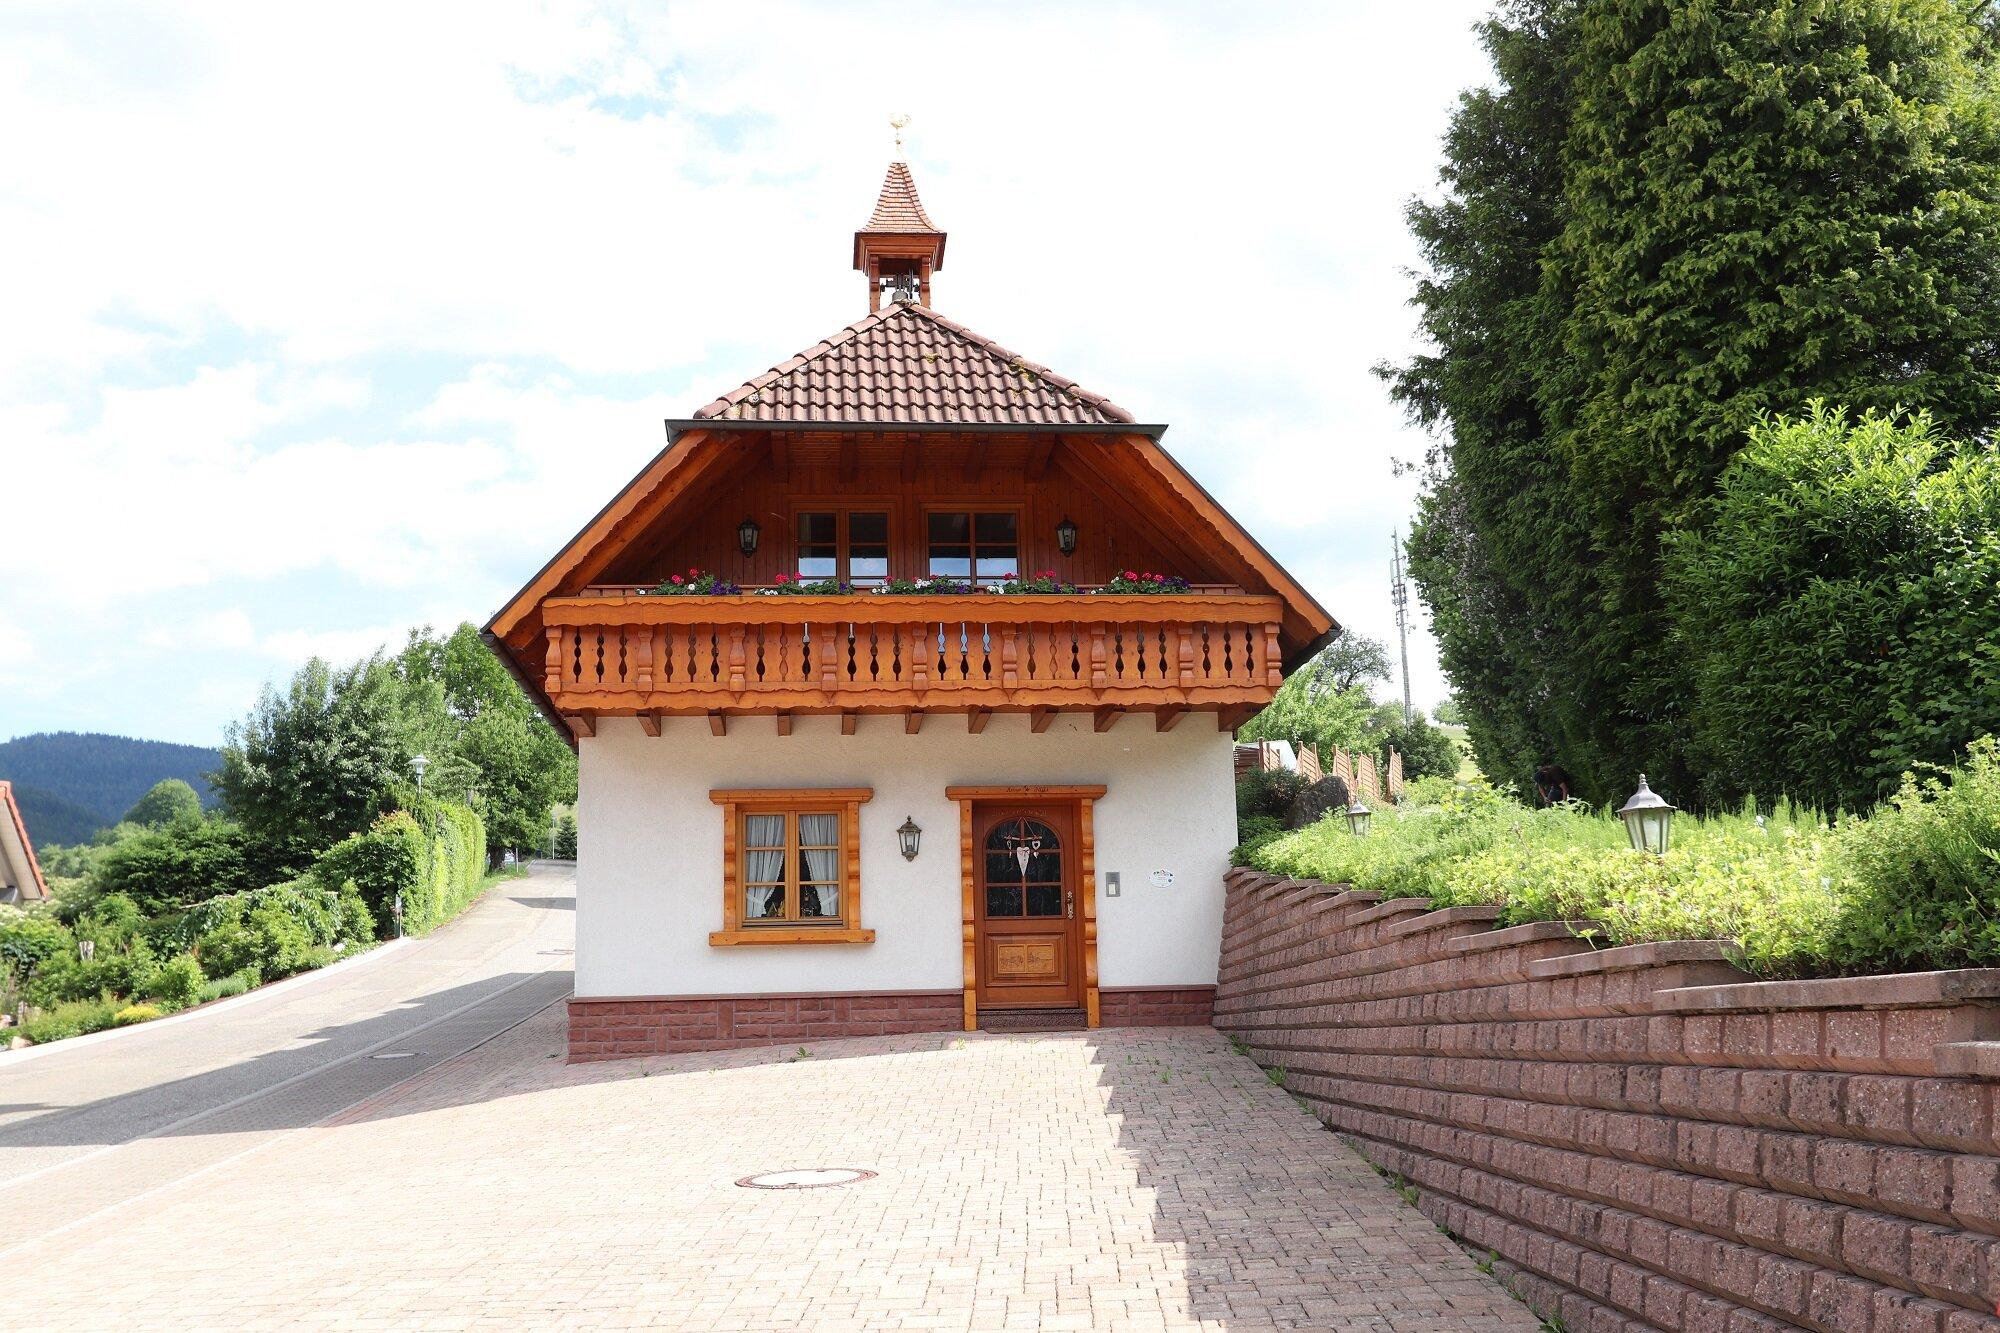 Ferienhaus Landhaus 5*****